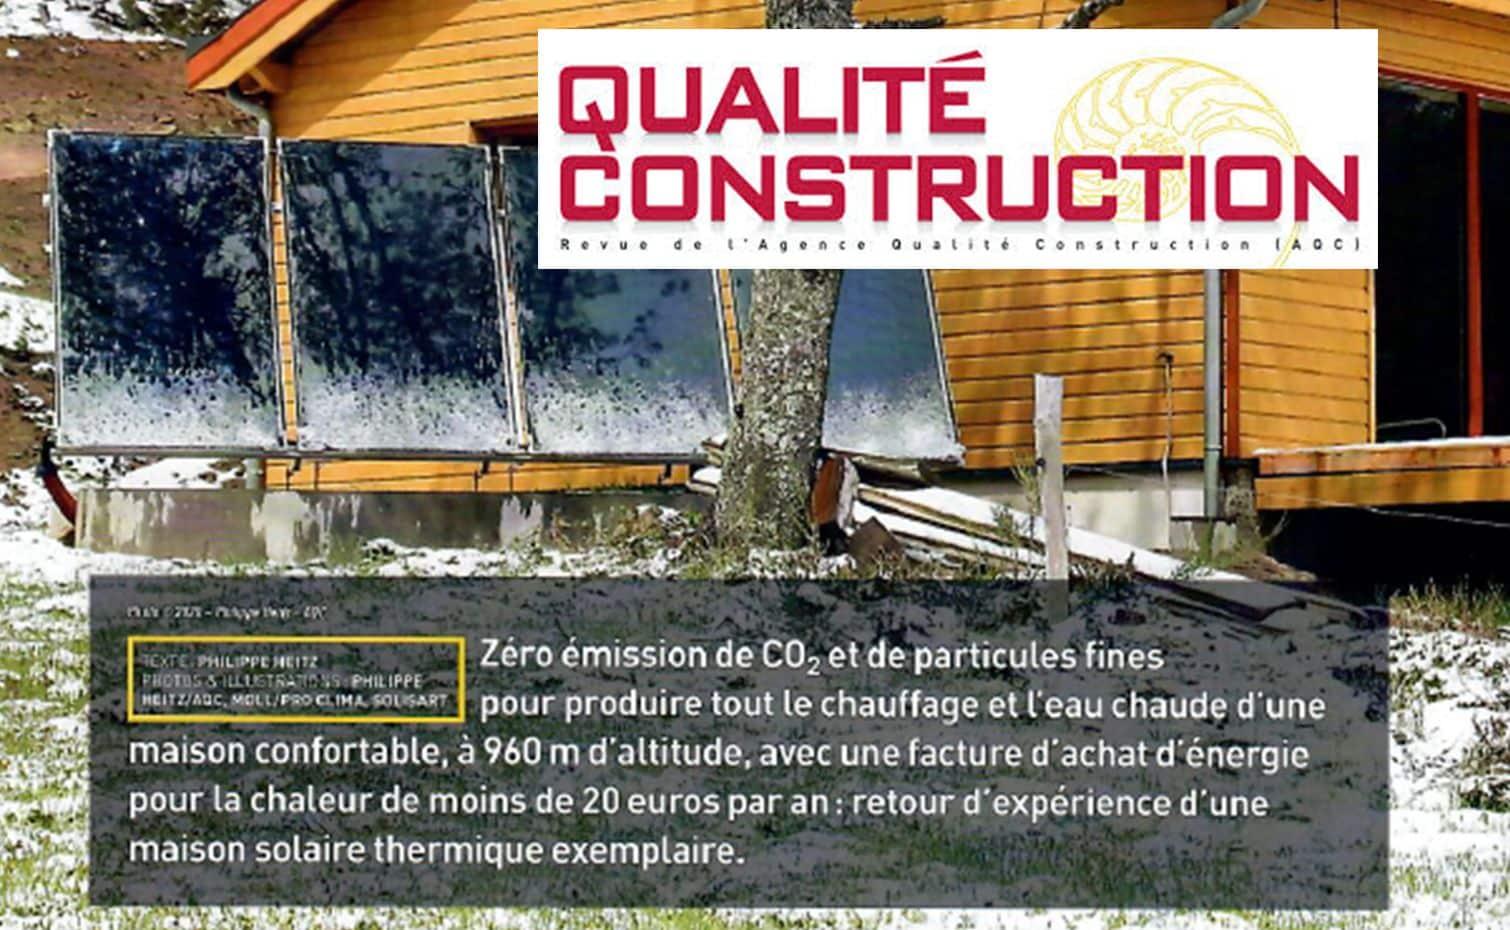 autonomie solaire dans construction qualité